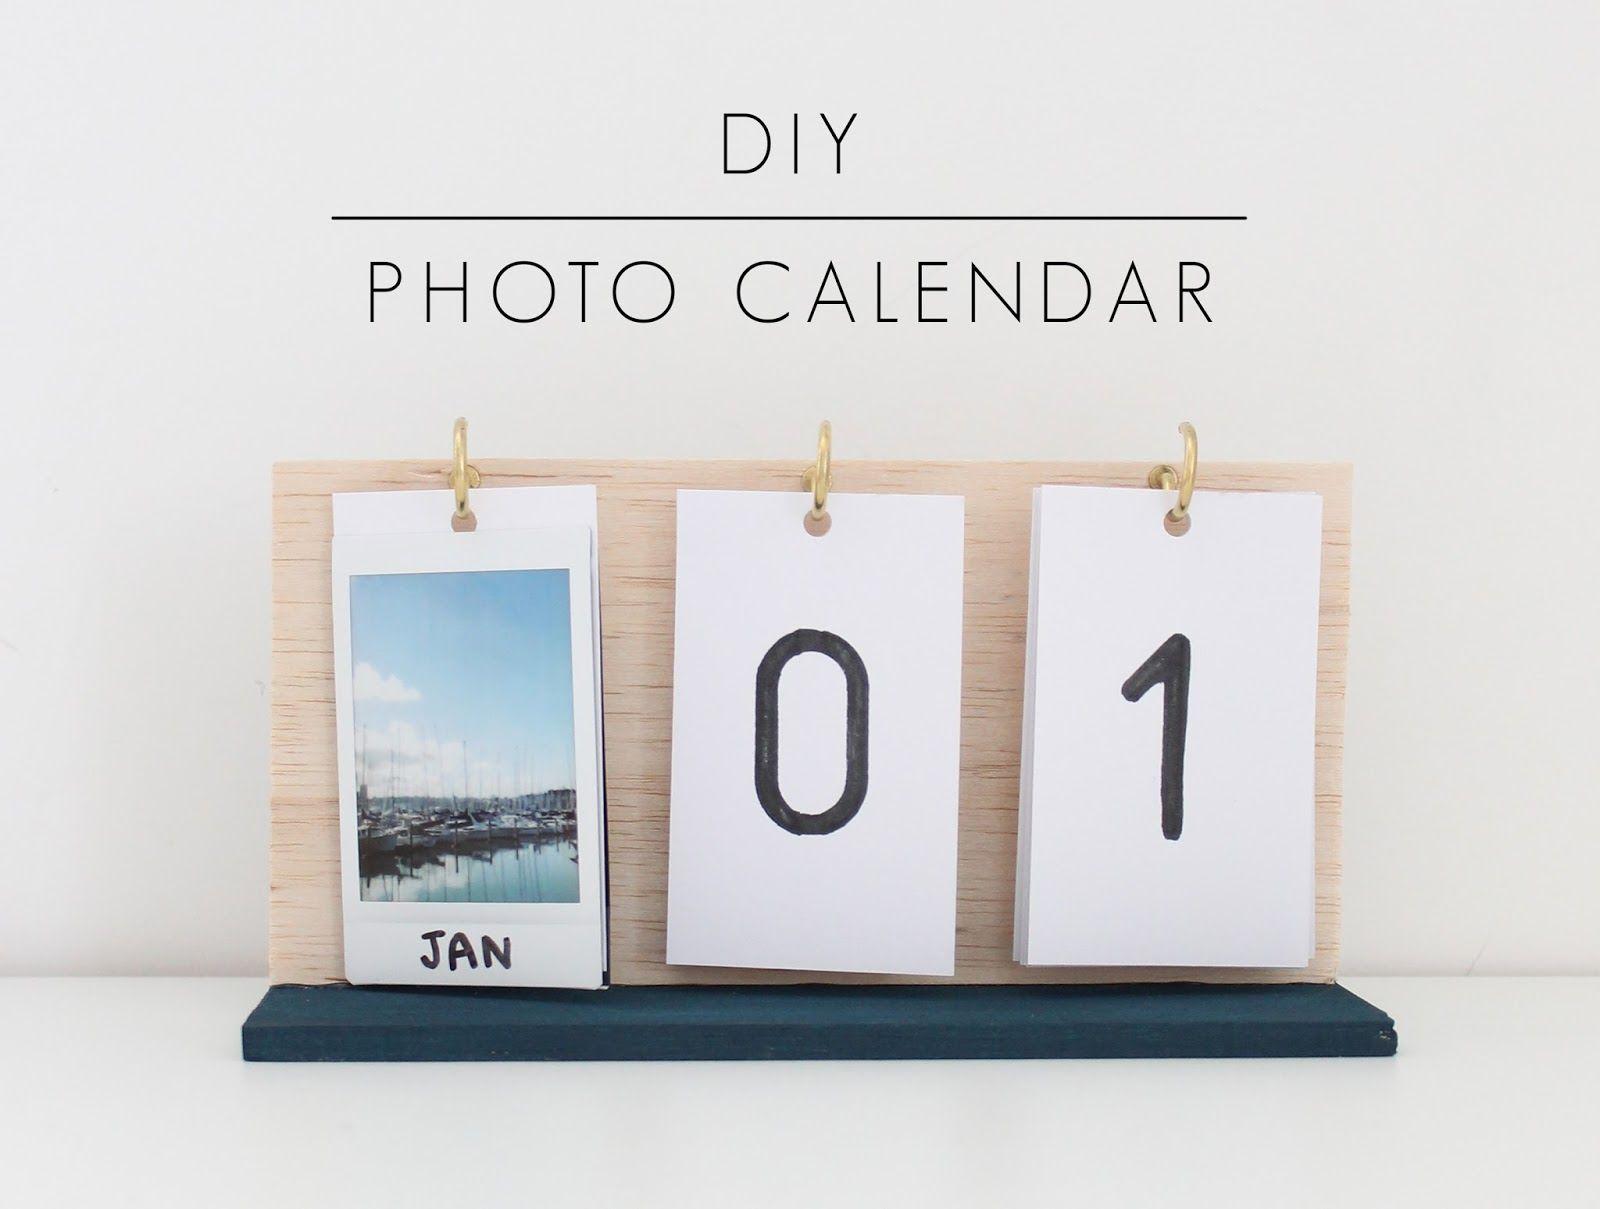 diy foto kalender ideen pinterest geschenke kalender und diy geschenke. Black Bedroom Furniture Sets. Home Design Ideas